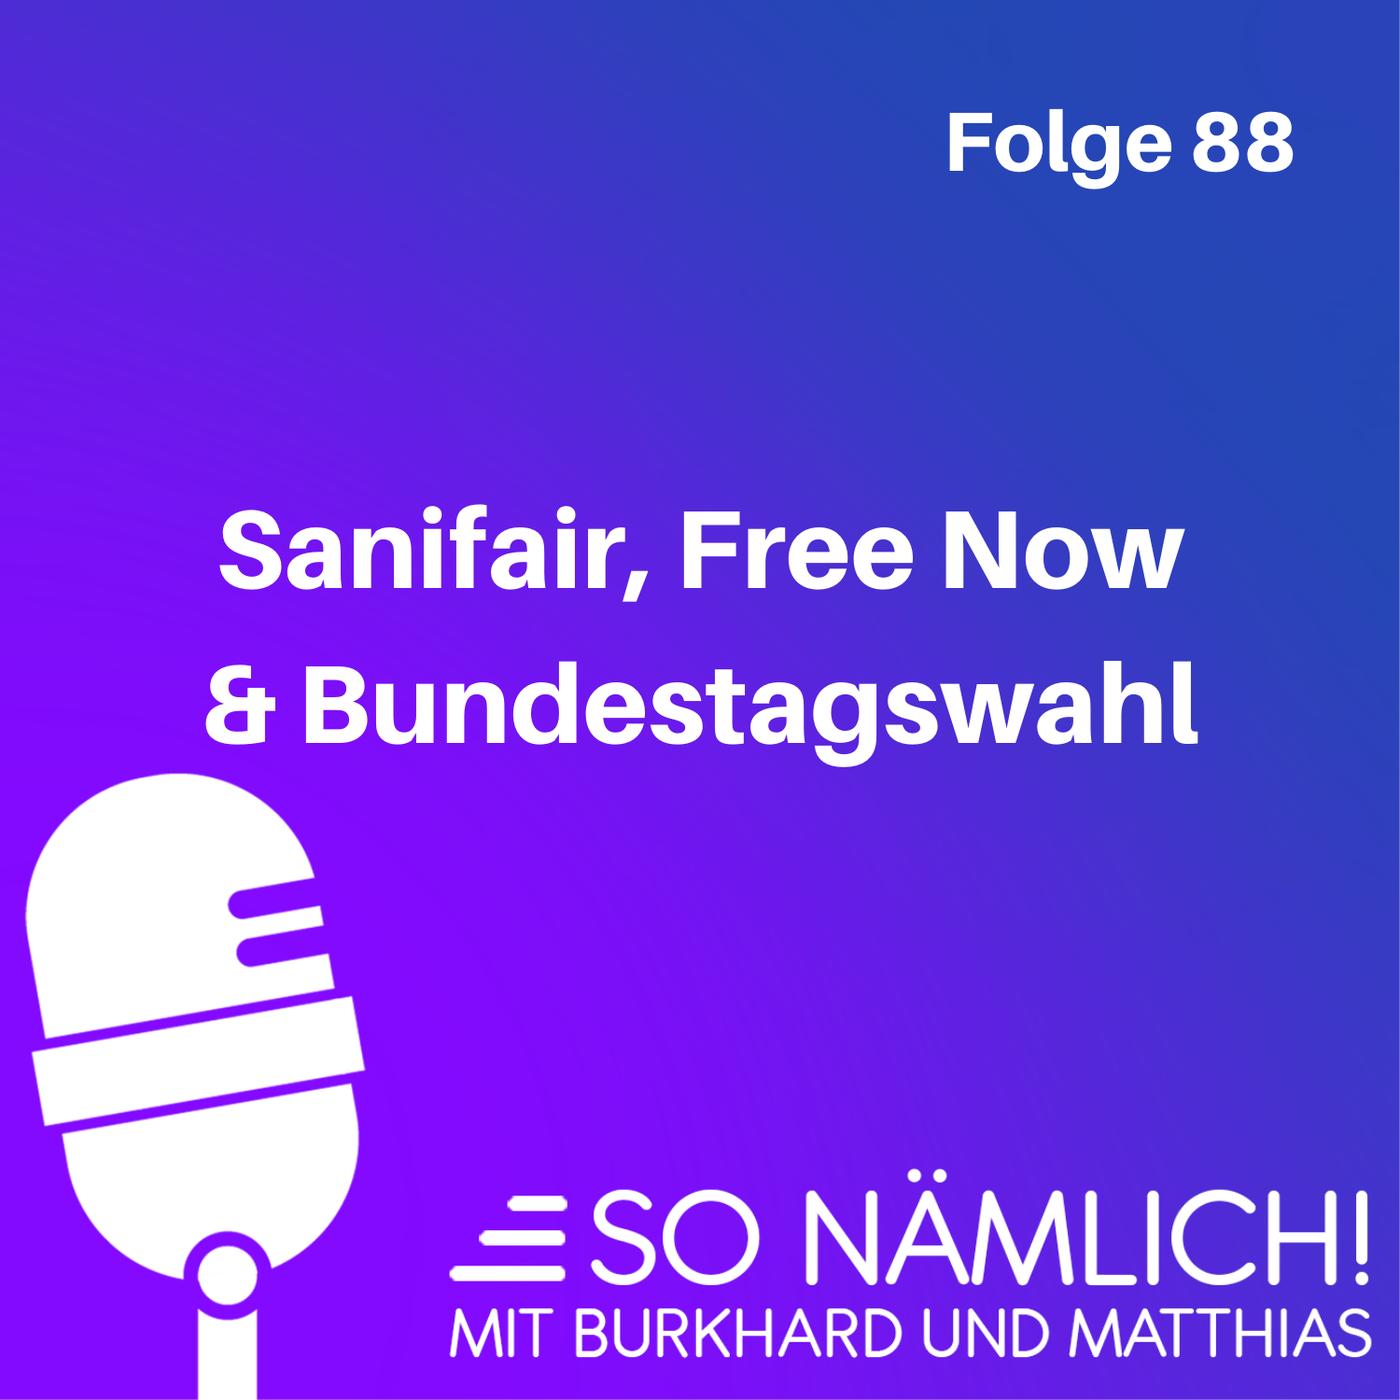 Sanifair, Free Now & Bundestagswahl